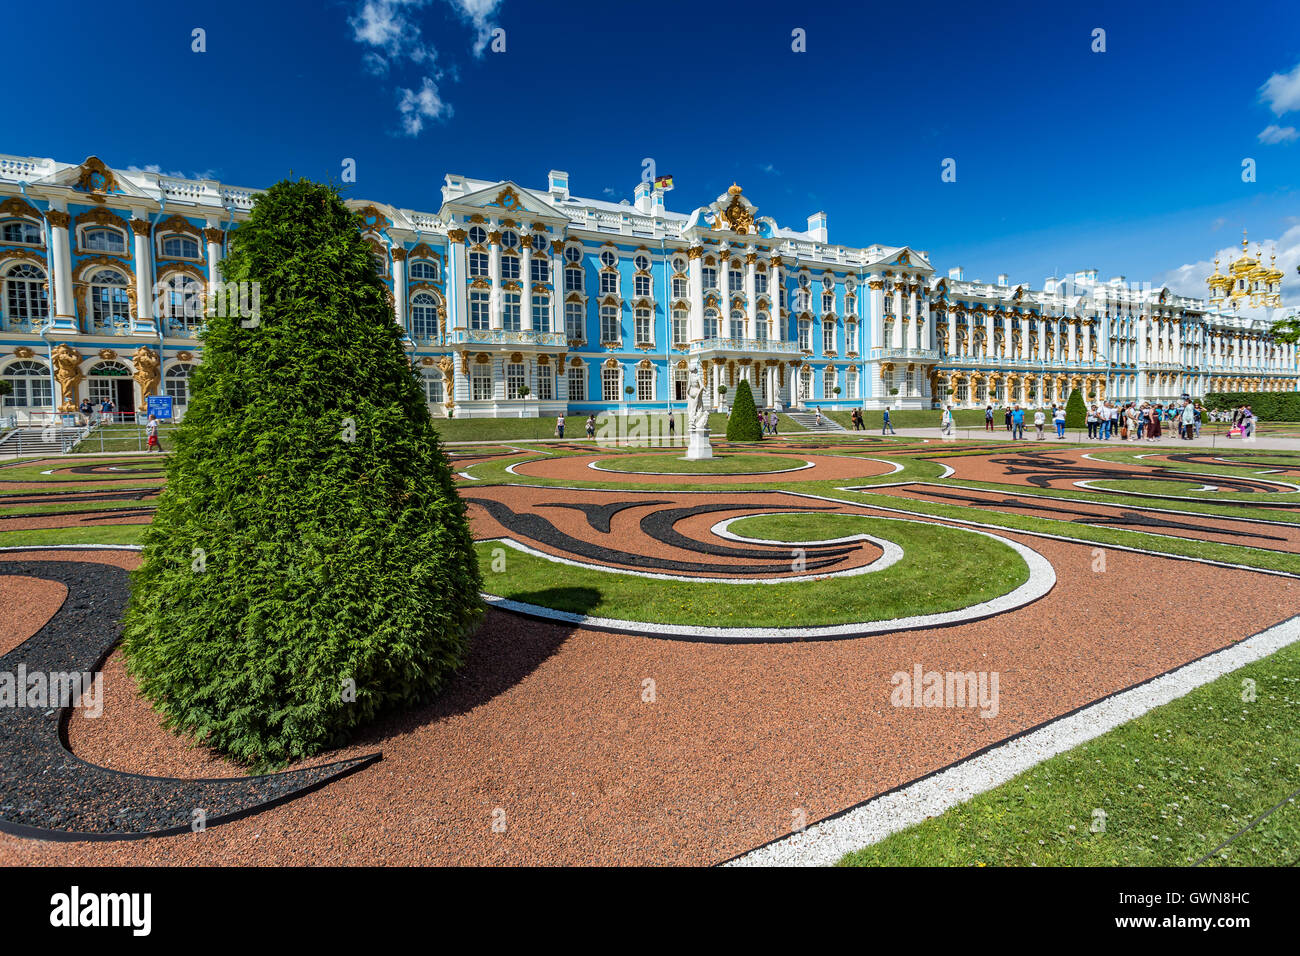 Rusia, San Petersburgo, Catalina Park Imagen De Stock